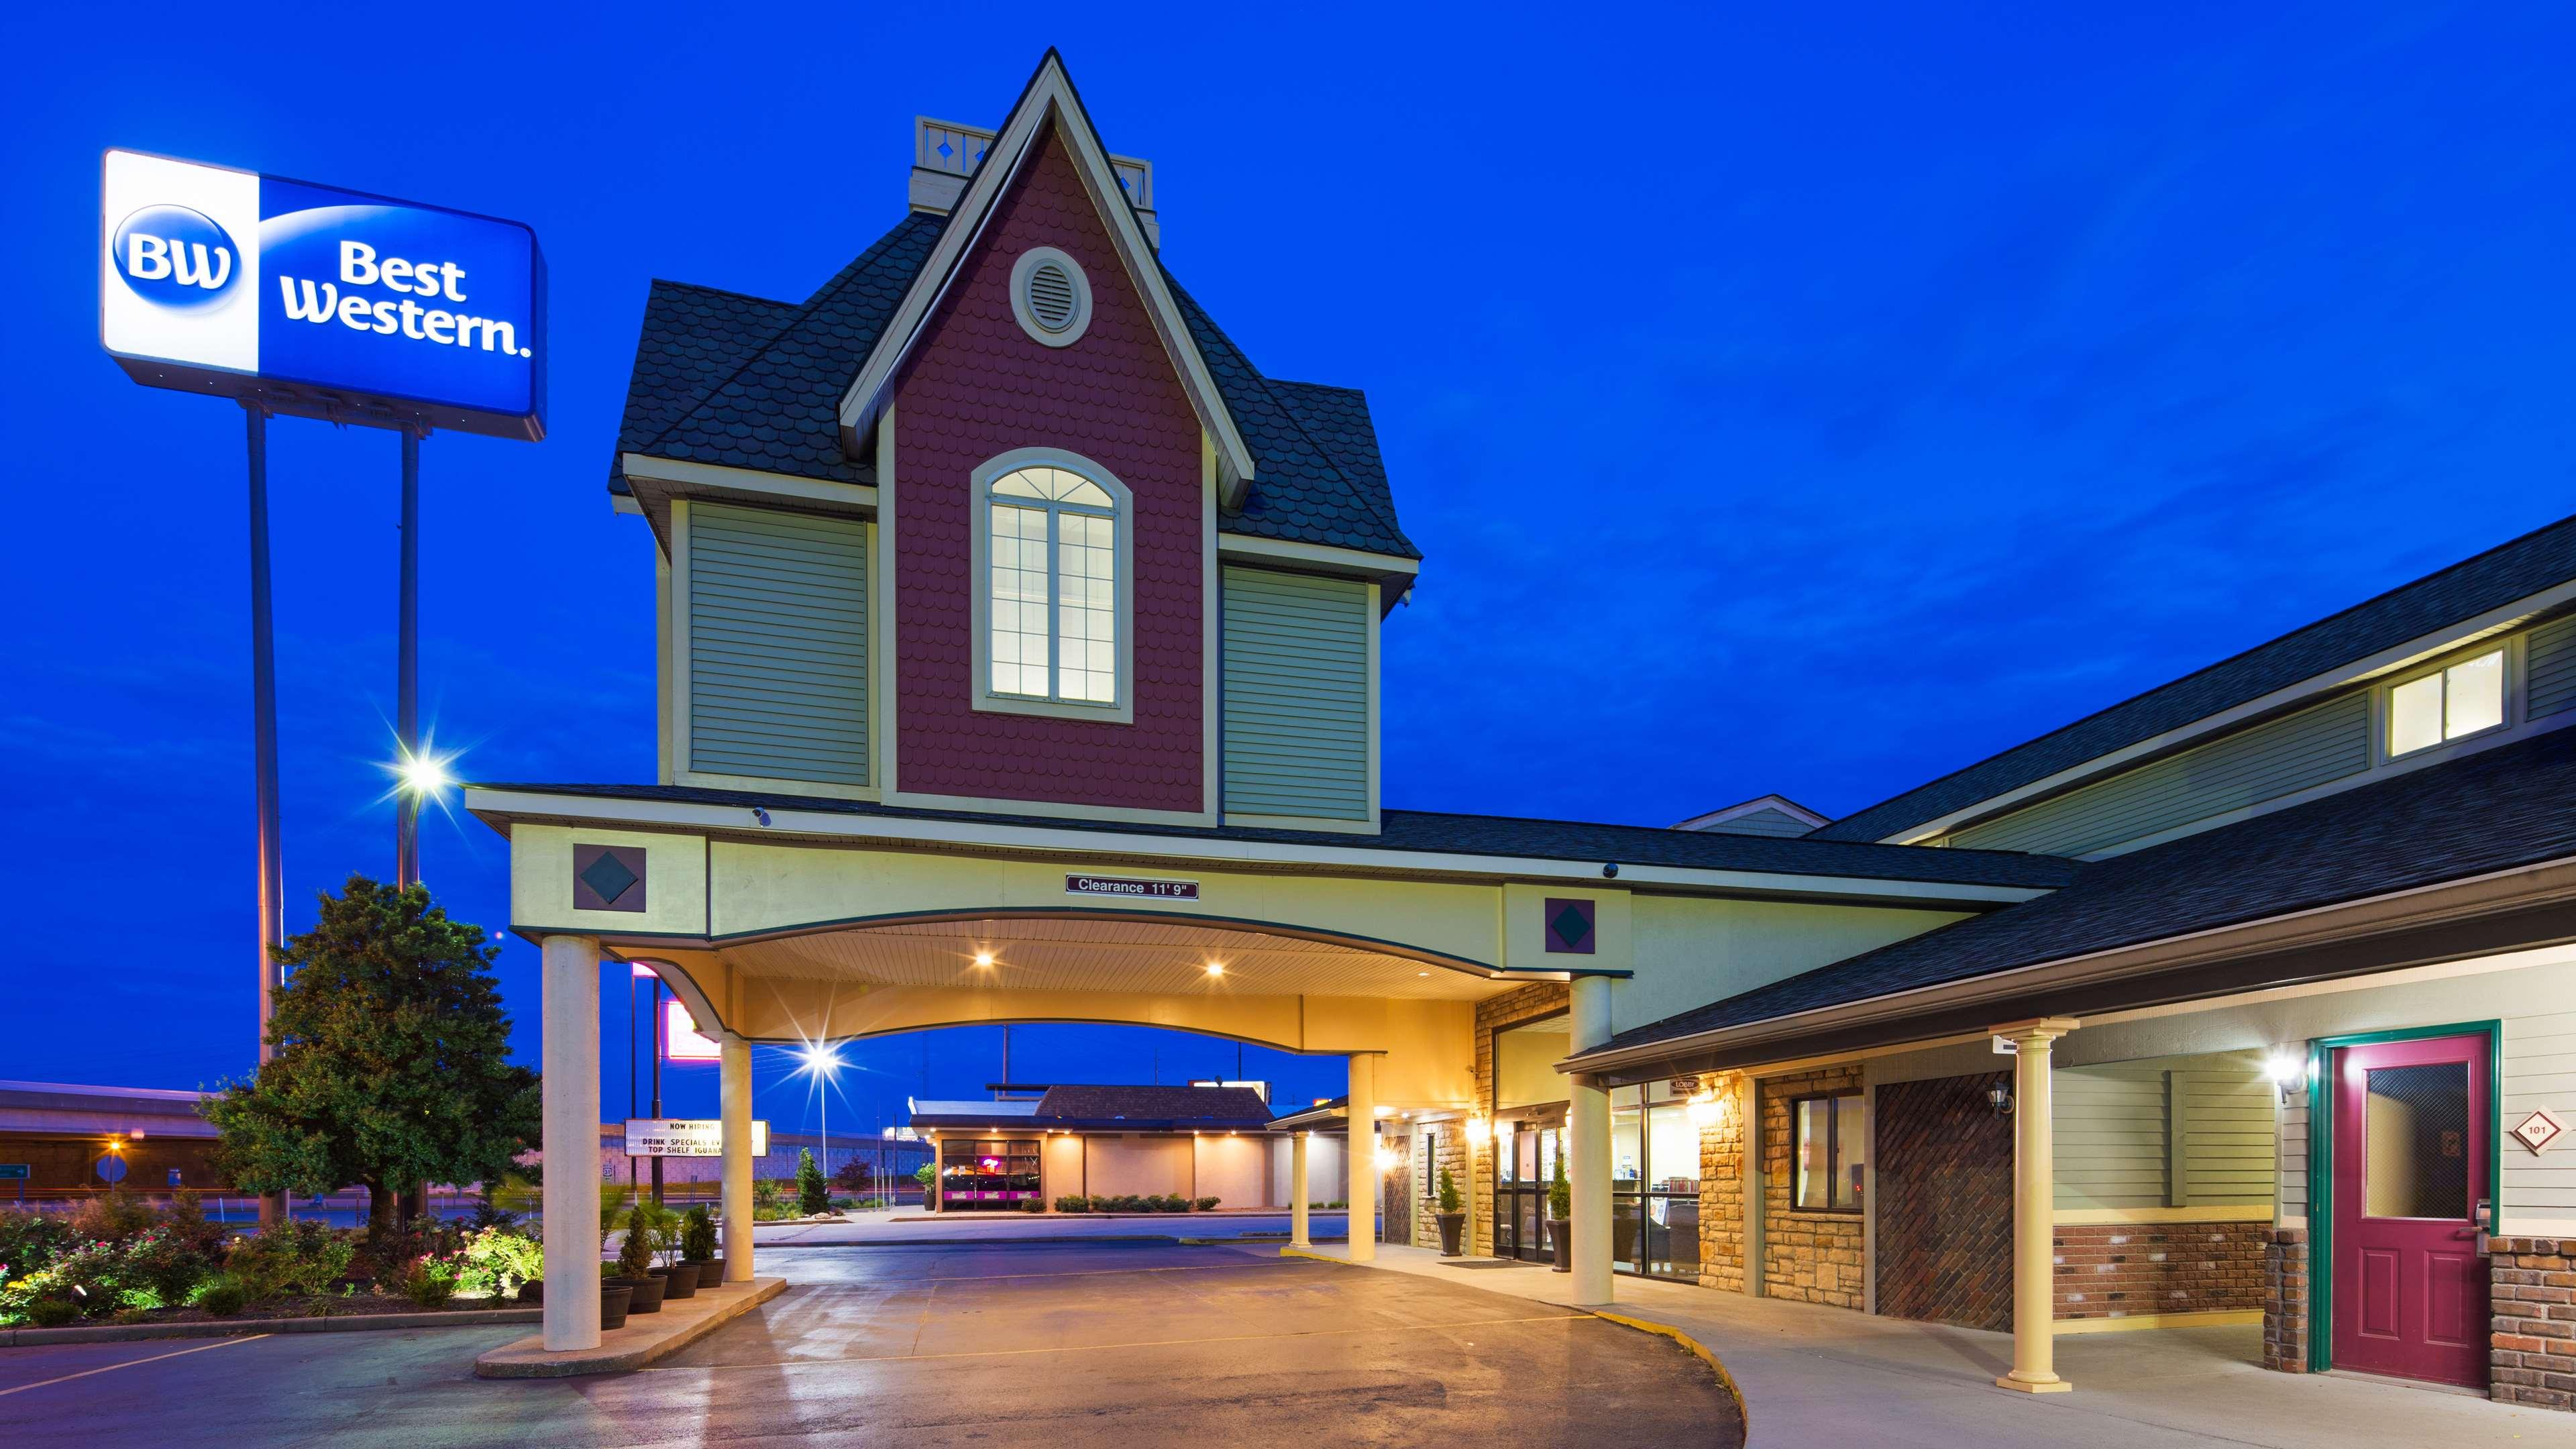 Best Western Green Tree Inn image 0